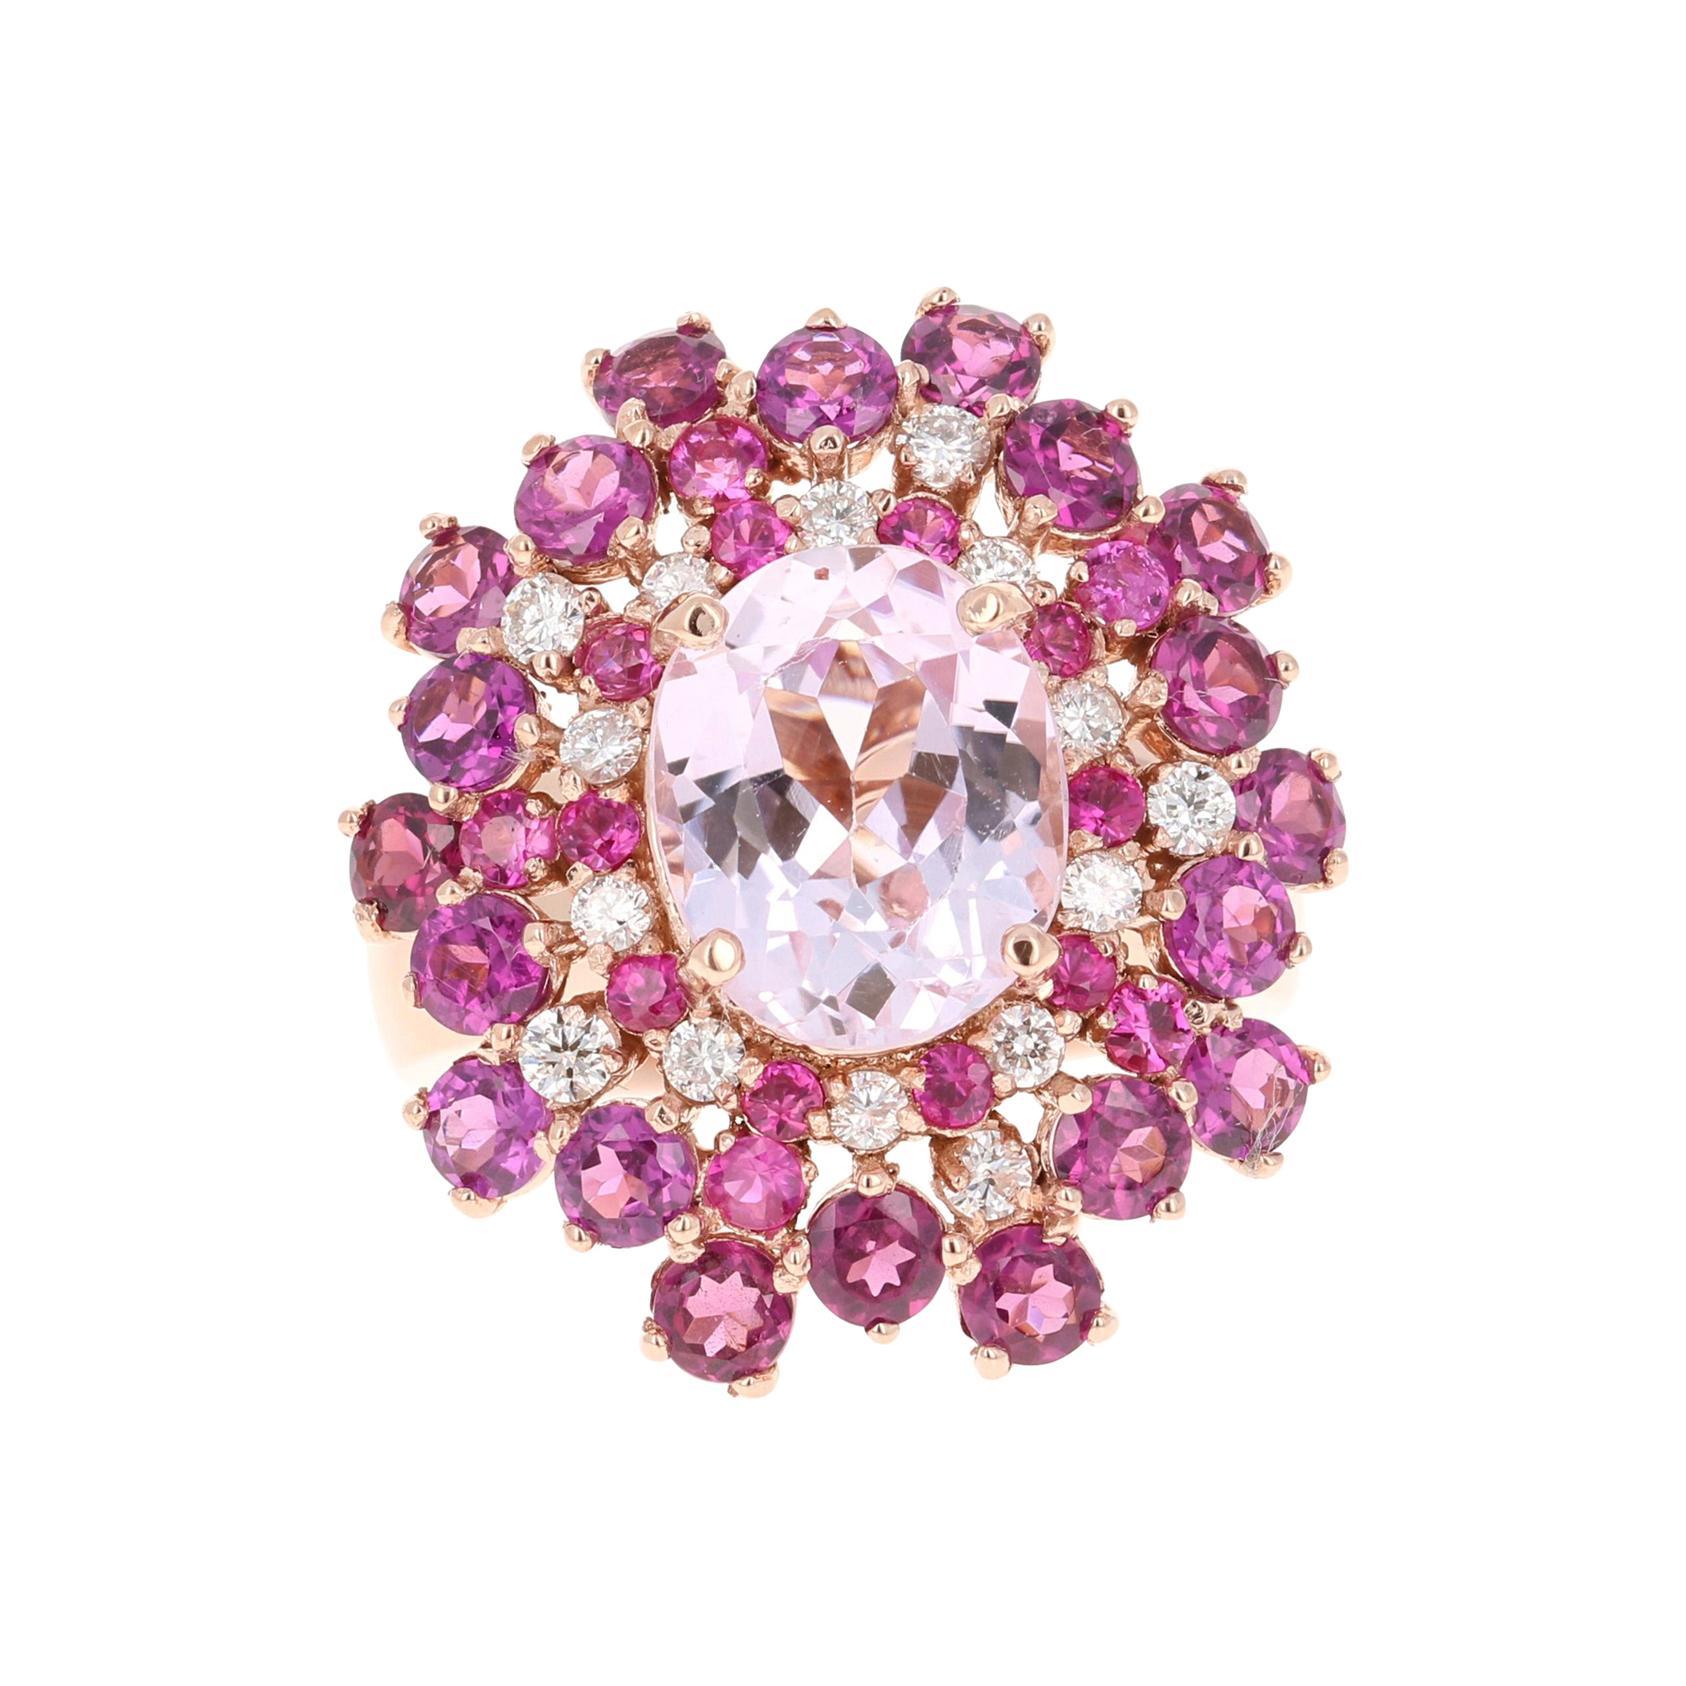 7.41 Carat Kunzite Sapphire Garnet 14 Karat Rose Gold Cocktail Ring